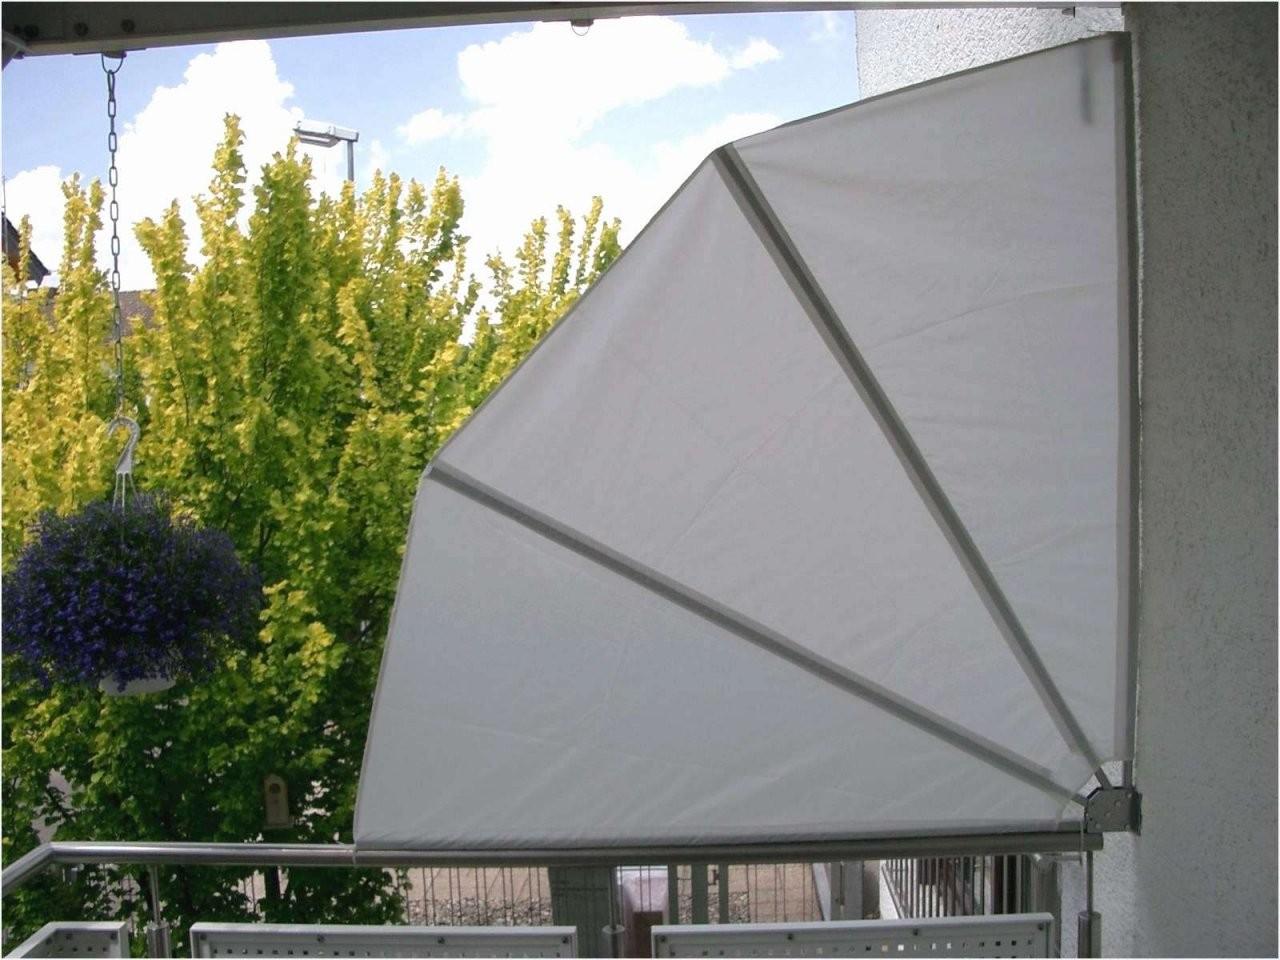 42 Das Beste Von Windschutz Balkon Ohne Bohren Galerie  Komplette von Balkon Dach Ohne Bohren Bild